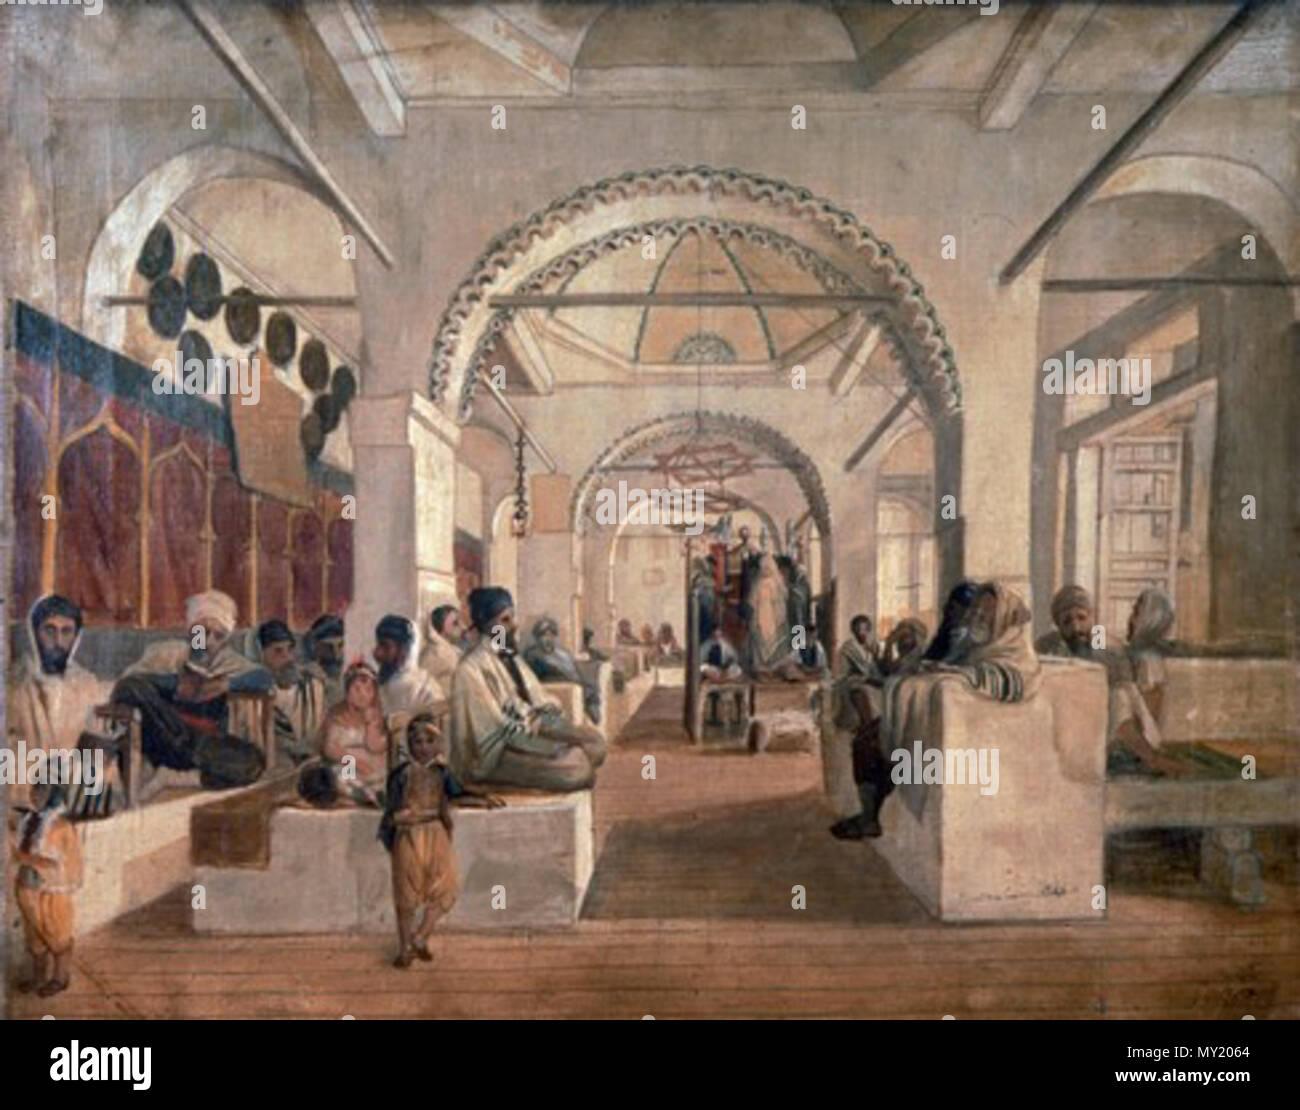 . עברית: Sanya Sinagoga, Argel, 1840 . 23 de noviembre de 2013, 00:44:40. Musée d'art et d'histoire du Judaïsme 475 Sanya Sinagoga Alger Foto de stock